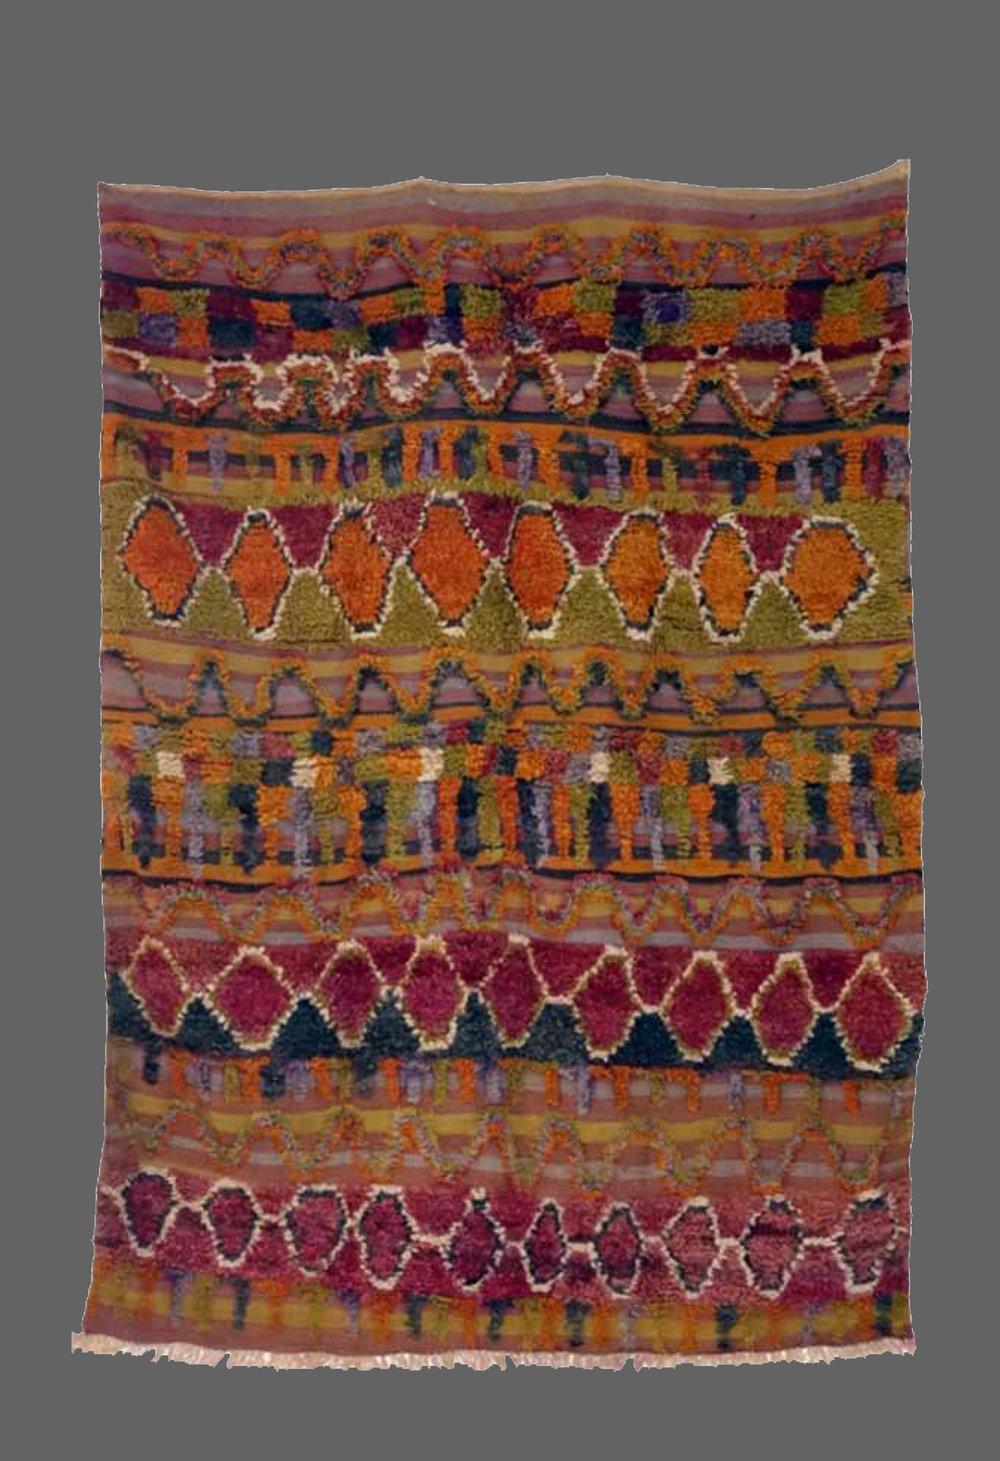 Ethnie : Ait Bou Ichaouen    Origine : Maroc    Année : 1980    Dimensions :    Technique : Noeuds noués    Description : tapis en volume, très beau design, couleurs rares    Référence : AIT 003    Prix : 1600€